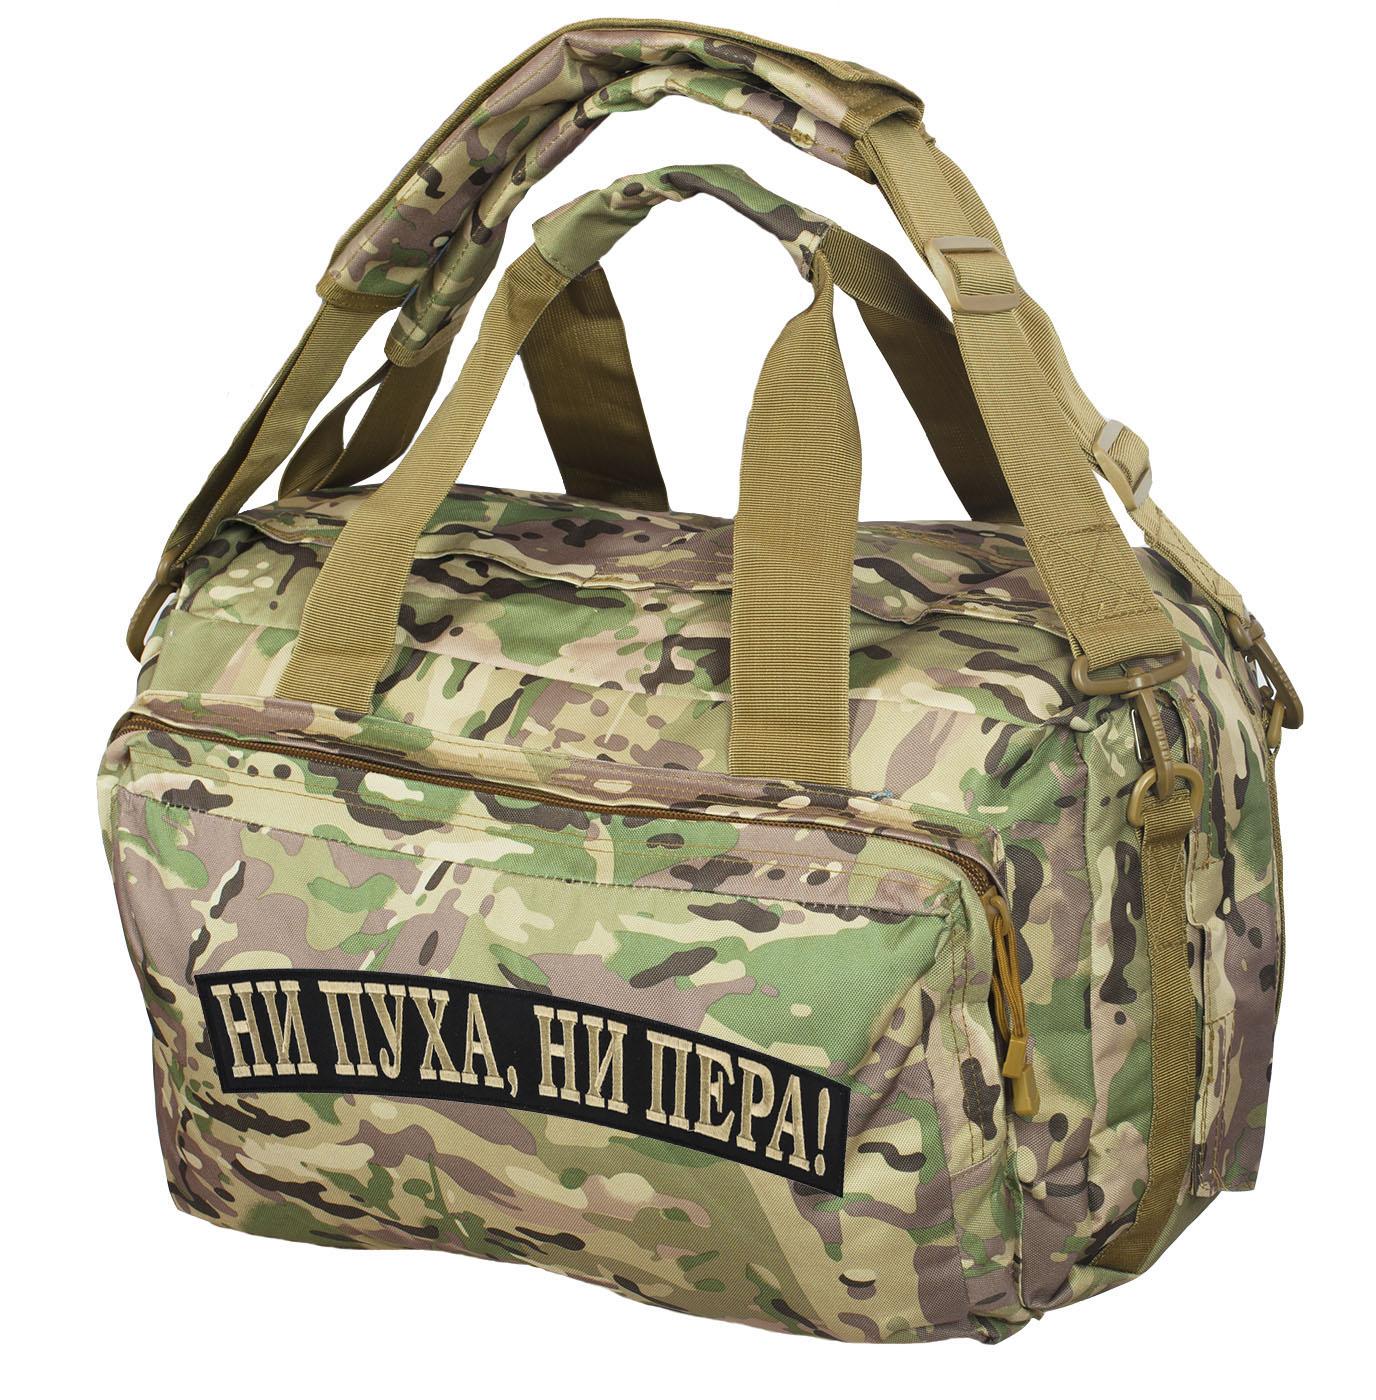 Камуфляжная походная сумка Ни пуха, Ни пера - купить по лучшей цене